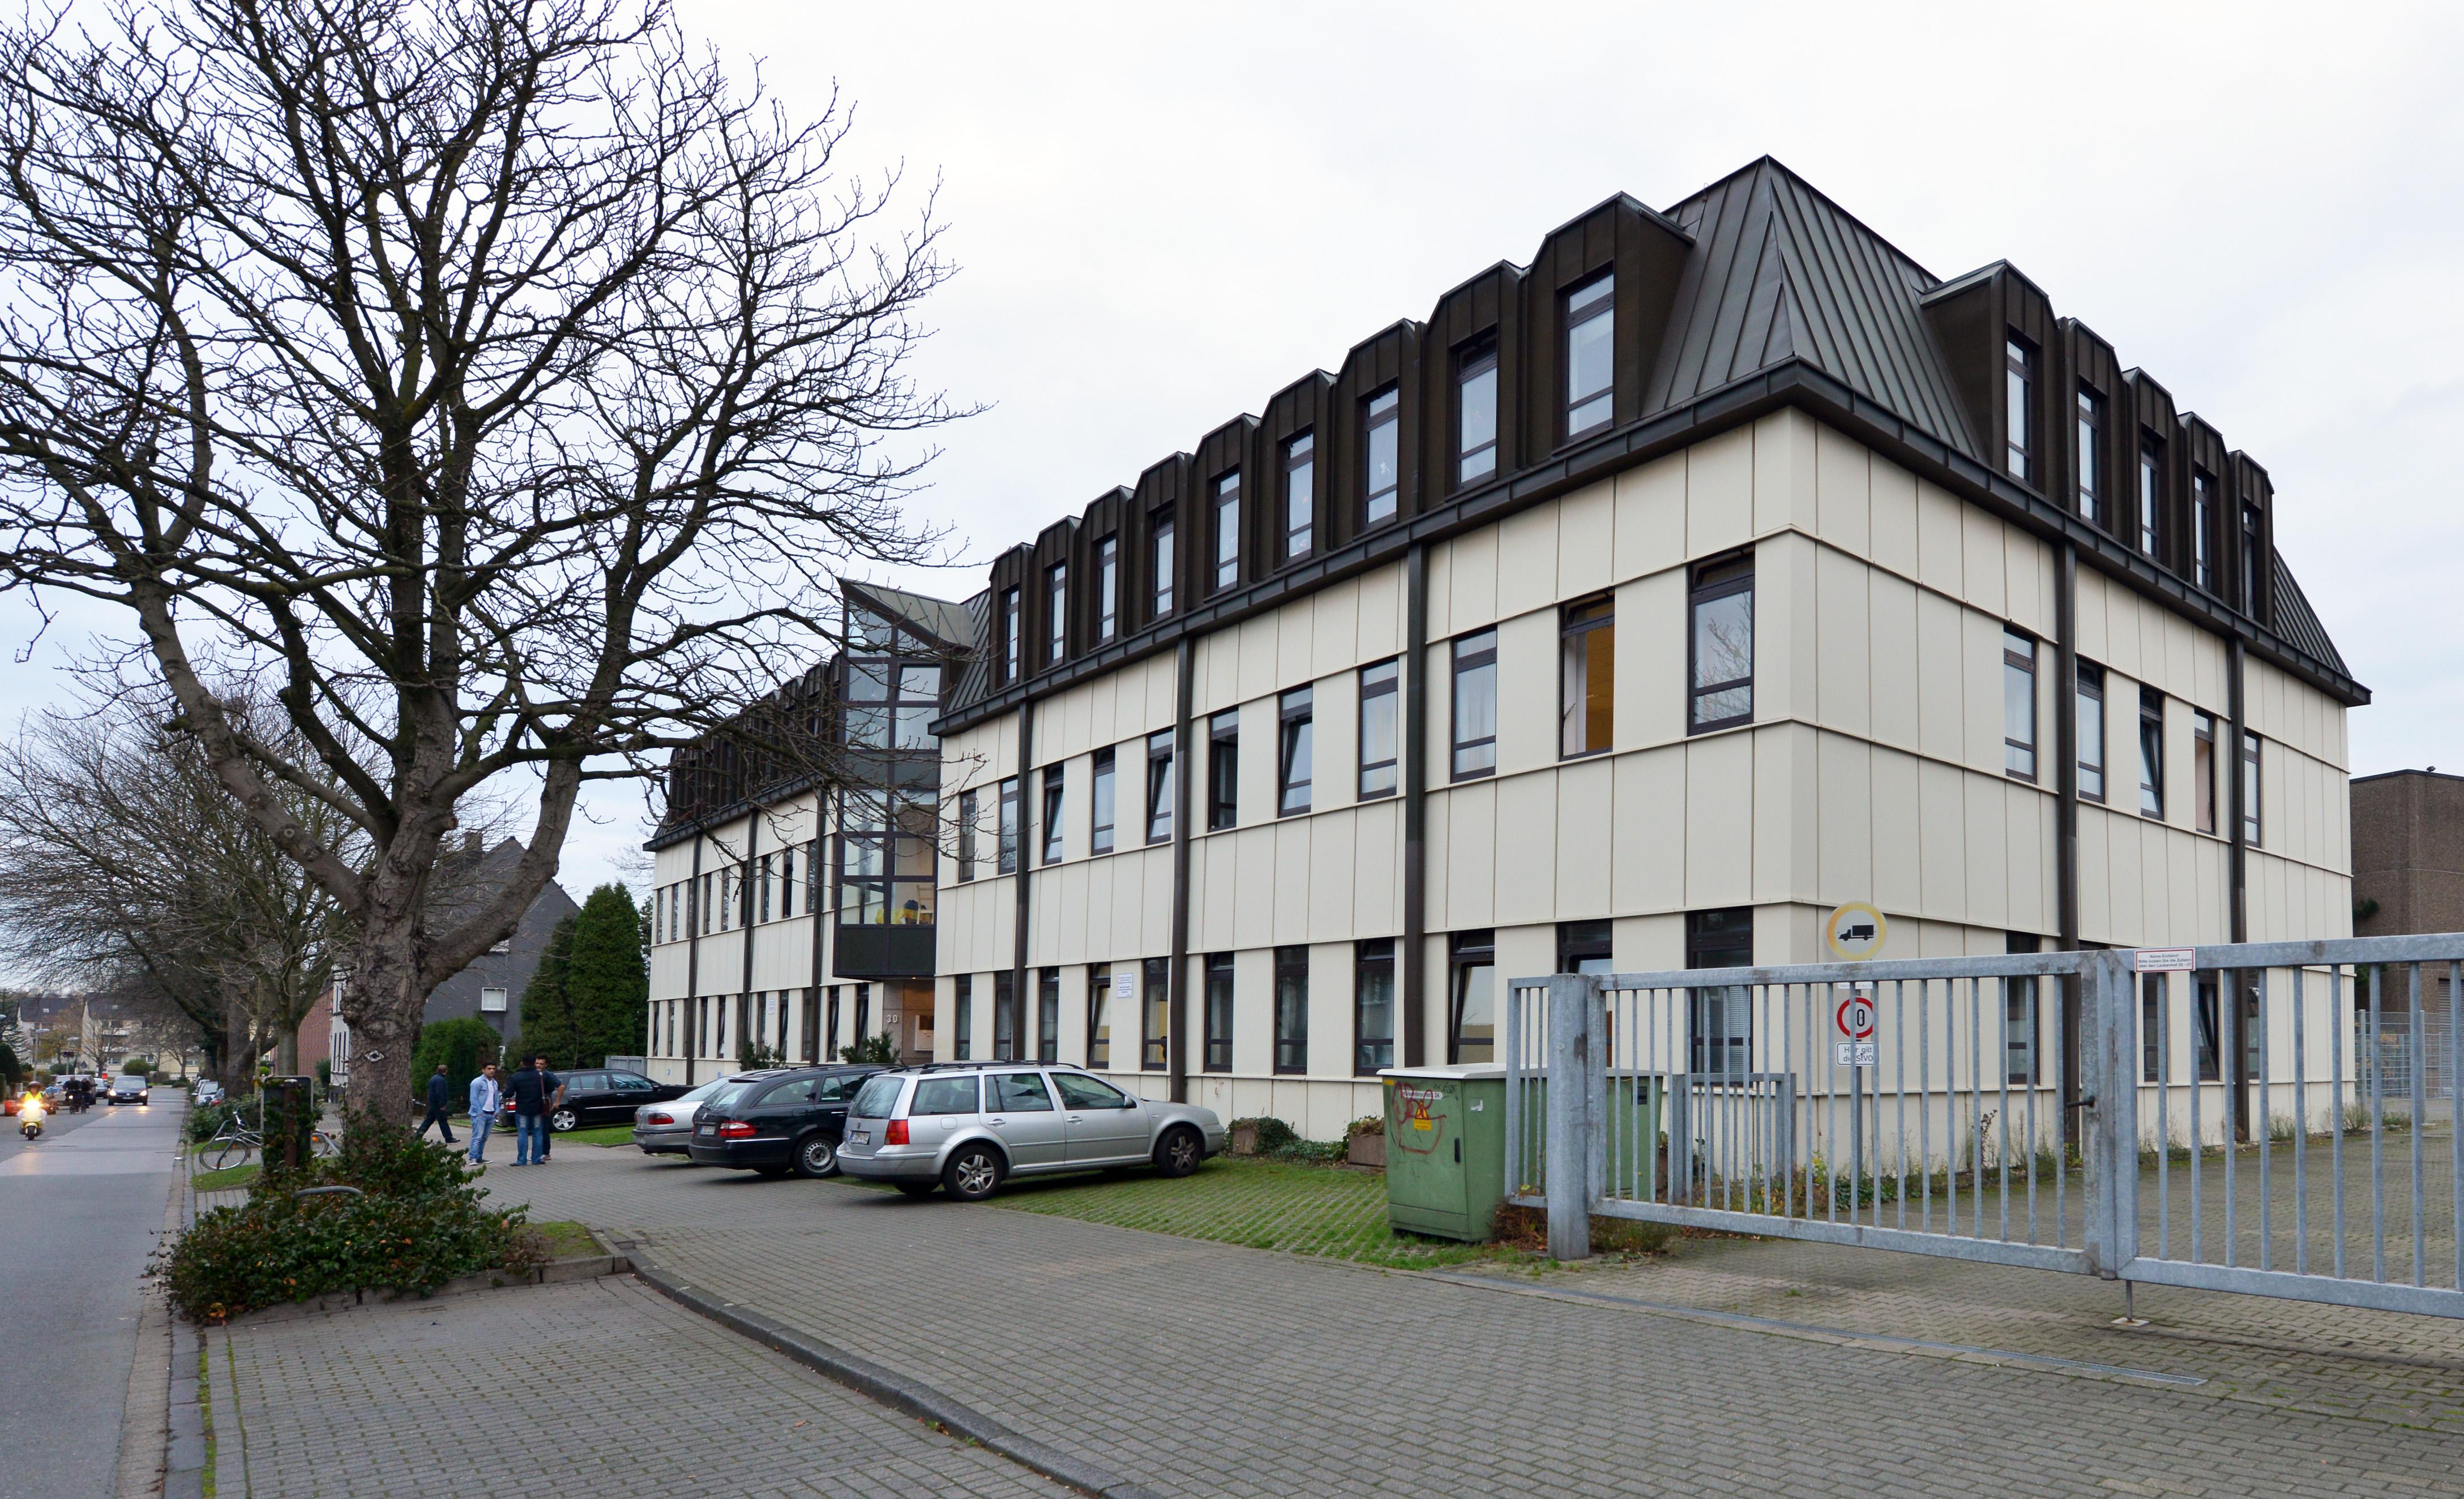 Flüchtlingsunterkunft Hülsenbruchstraße 30 (ehemaliges Verwaltungsgebäude der Firma Boecker) . Foto:Peter Prengel, Stadt Essen, 12. 11. 2015